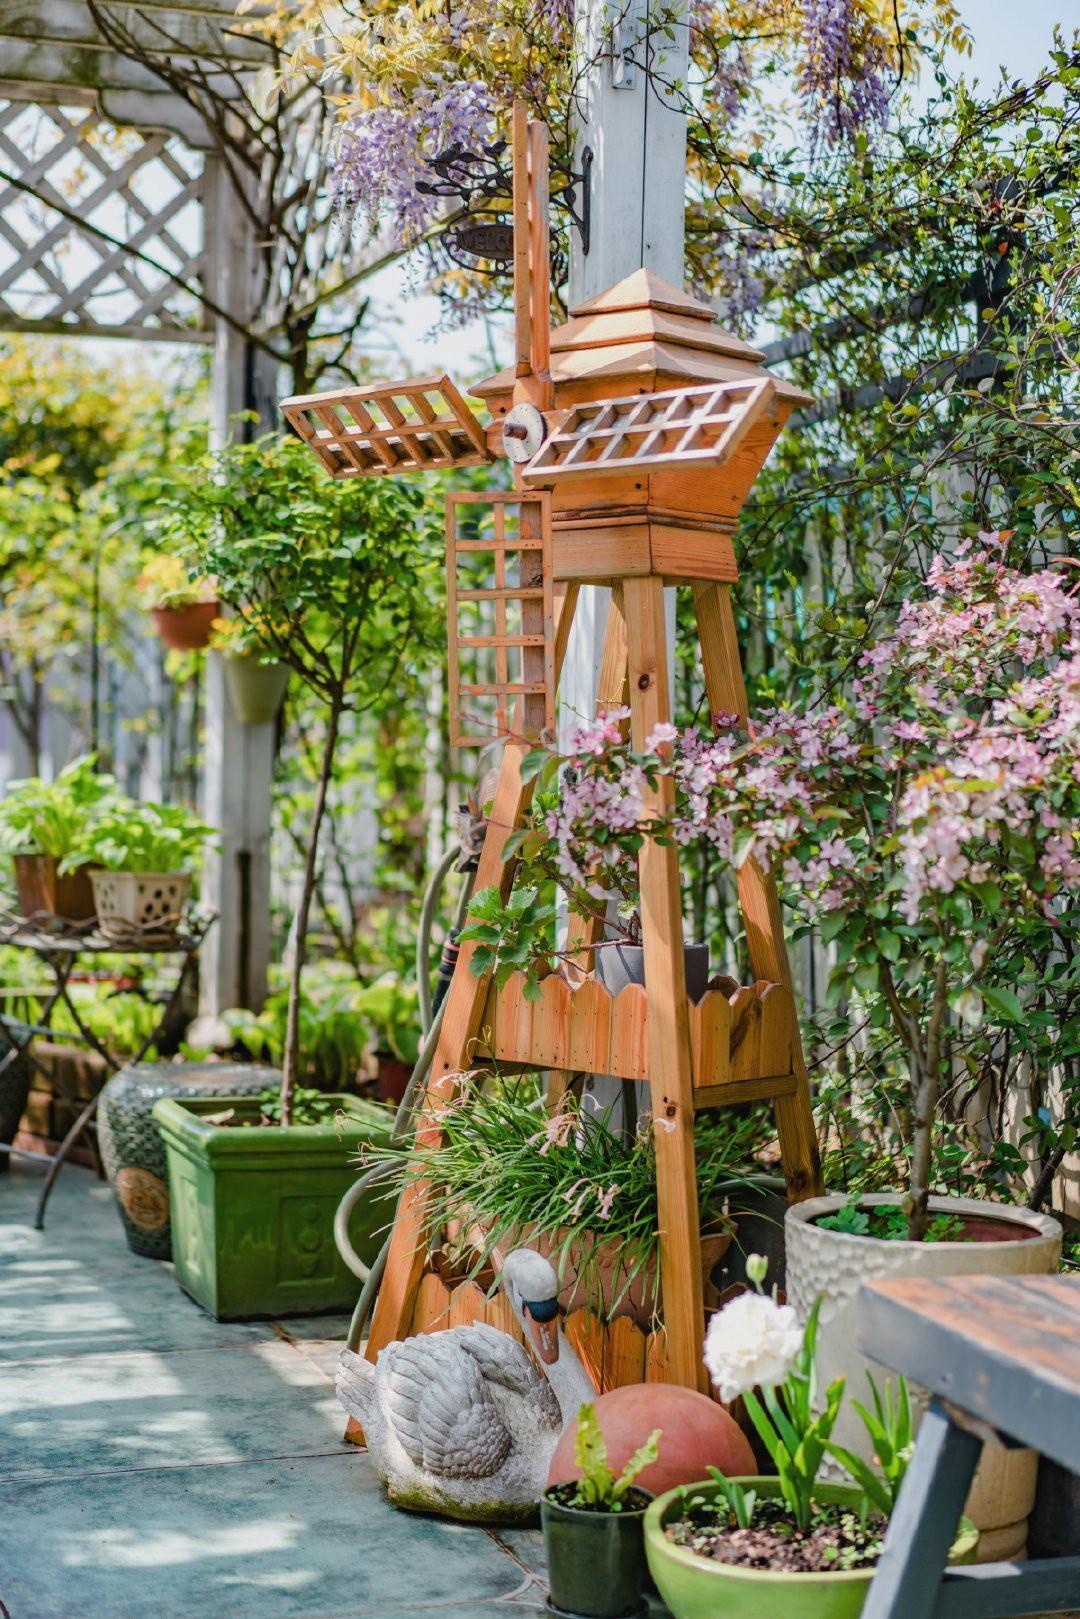 Tận dụng mái nhà bỏ hoang, người phụ nữ yêu hoa biến không gian thành khu vườn dịu dàng sắc hoa - Ảnh 9.